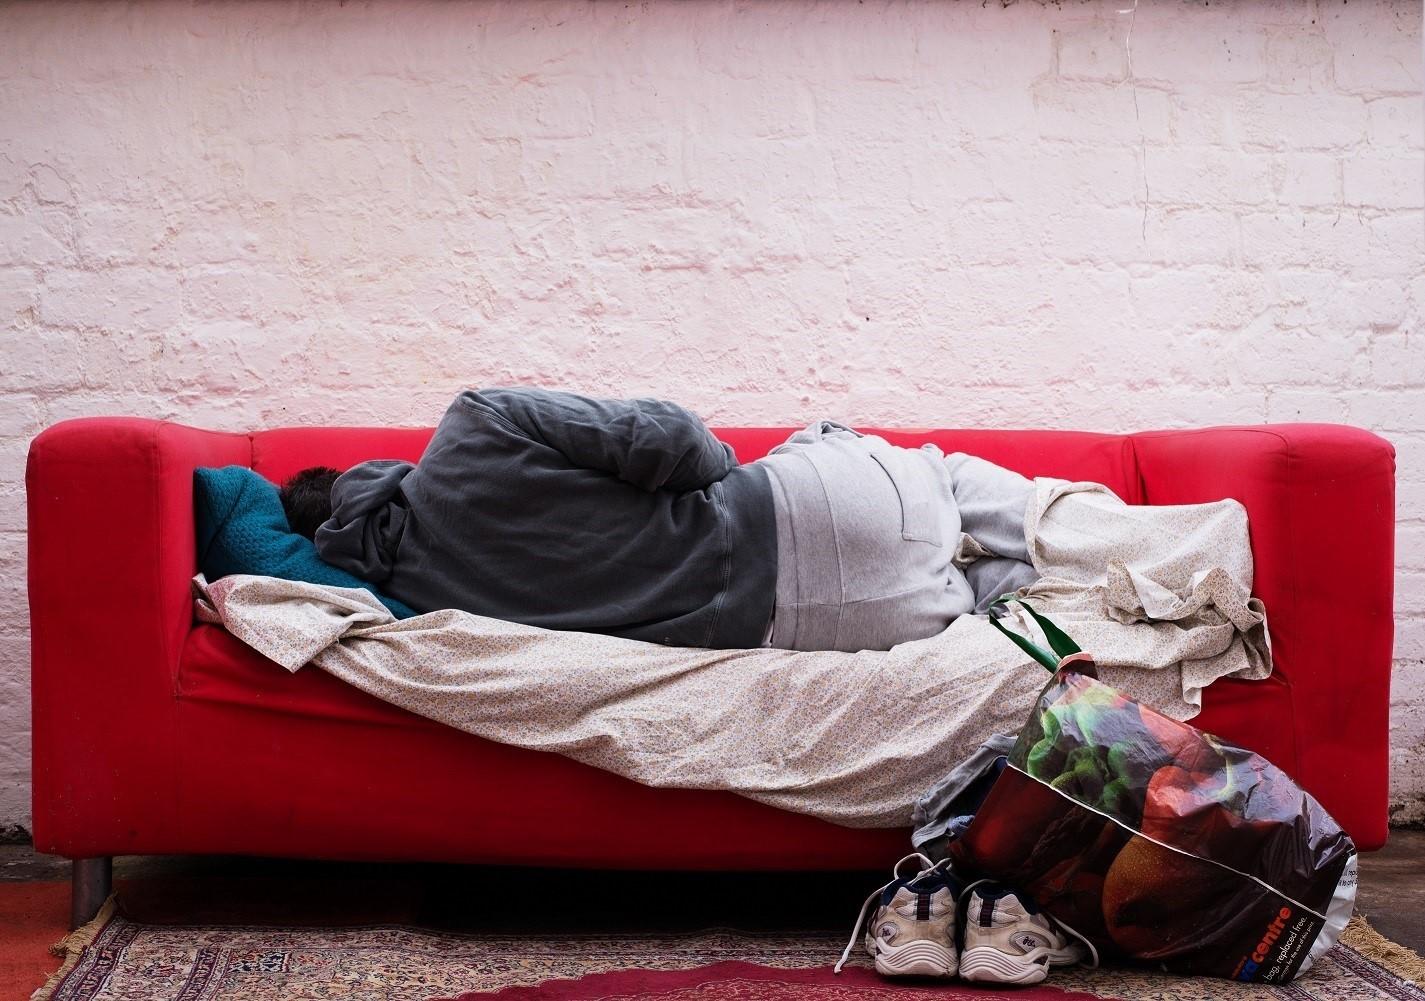 Hidden Homeless image.jpg